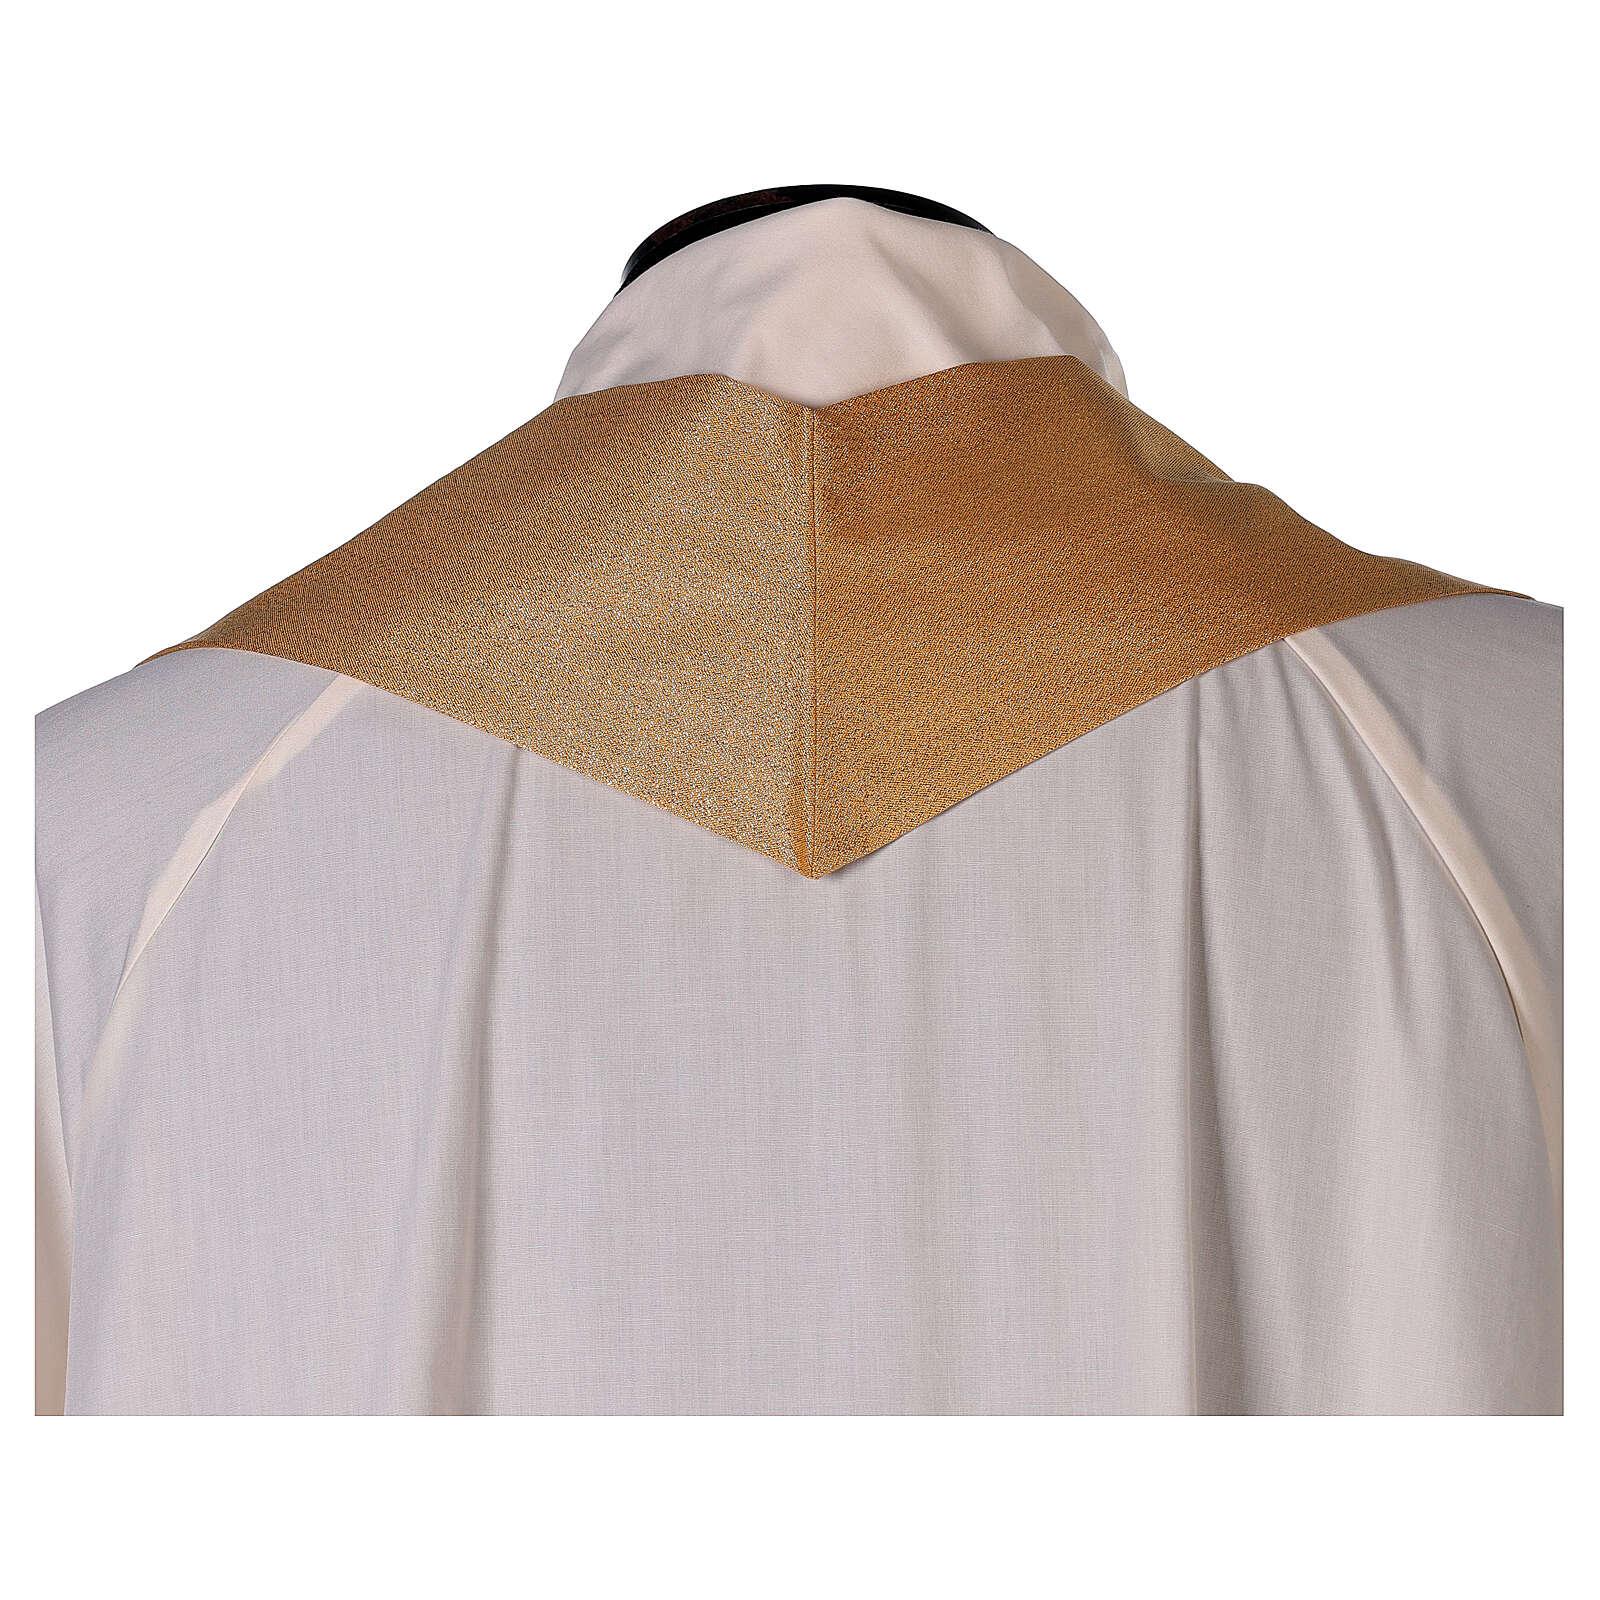 Casula unicolor dourada 100% poliéster sem bordado 4